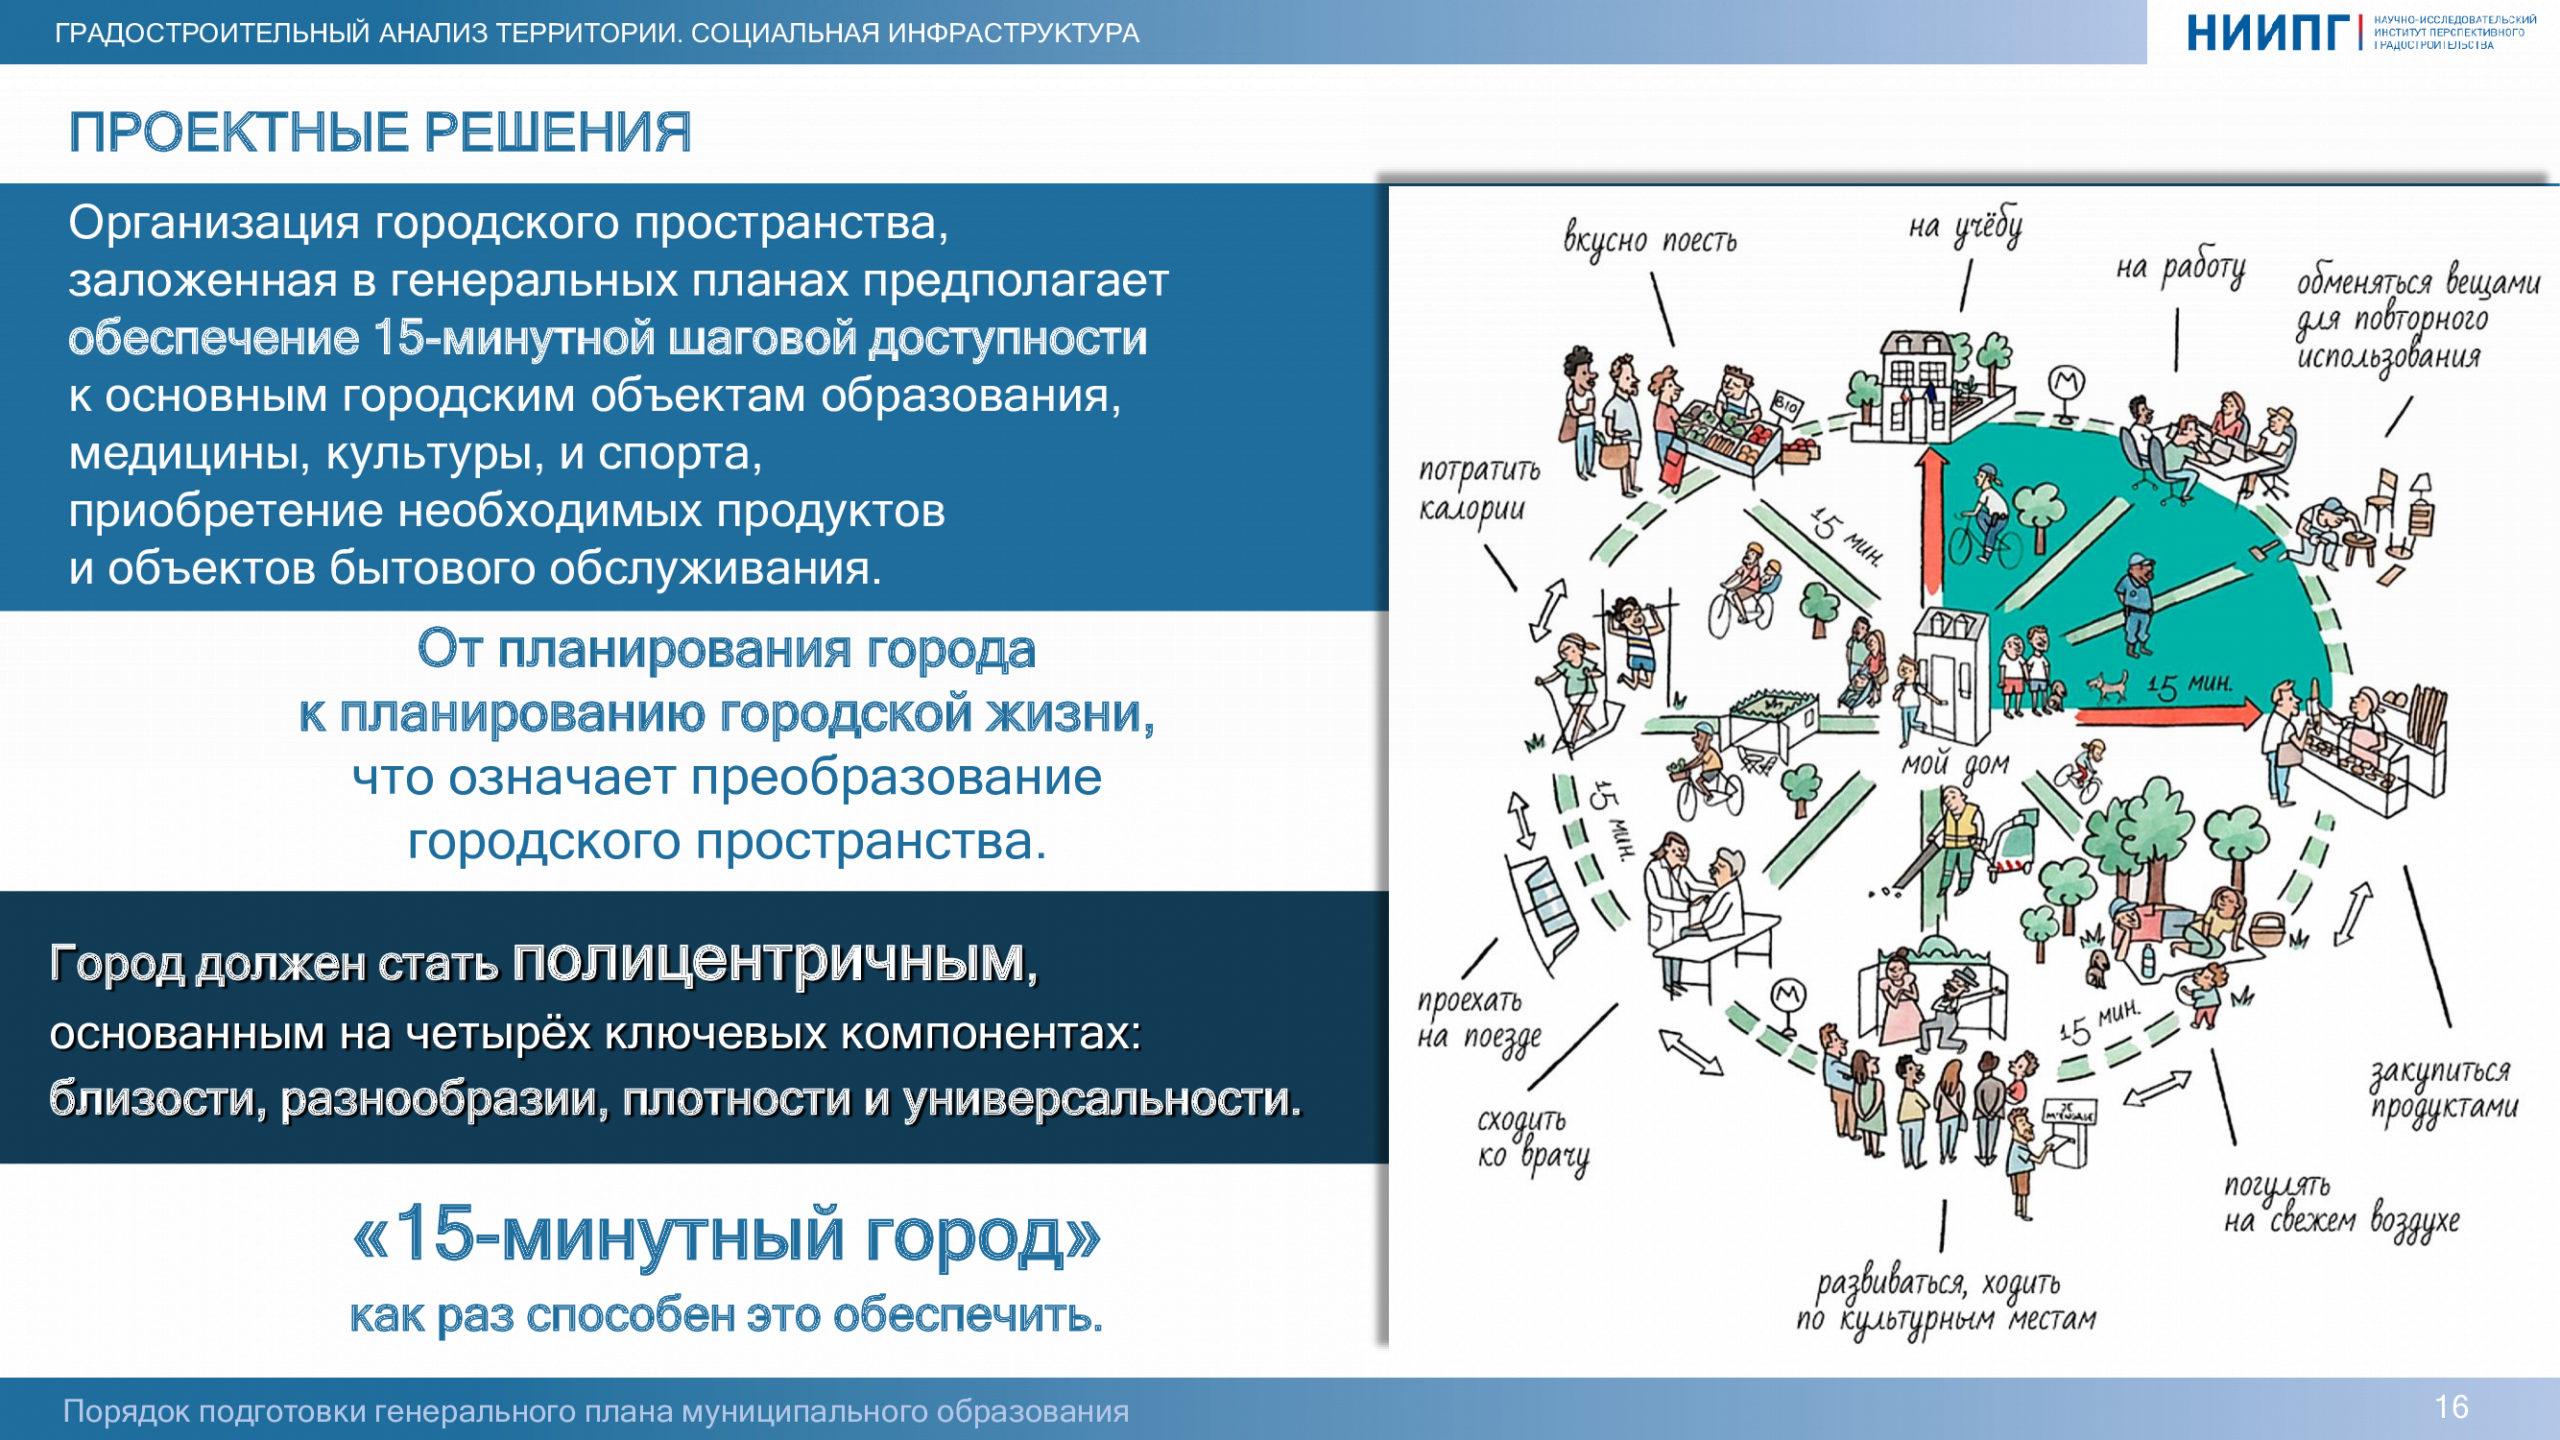 НИИ перспективного градостроительства о разработке Генерального плана города Сочи